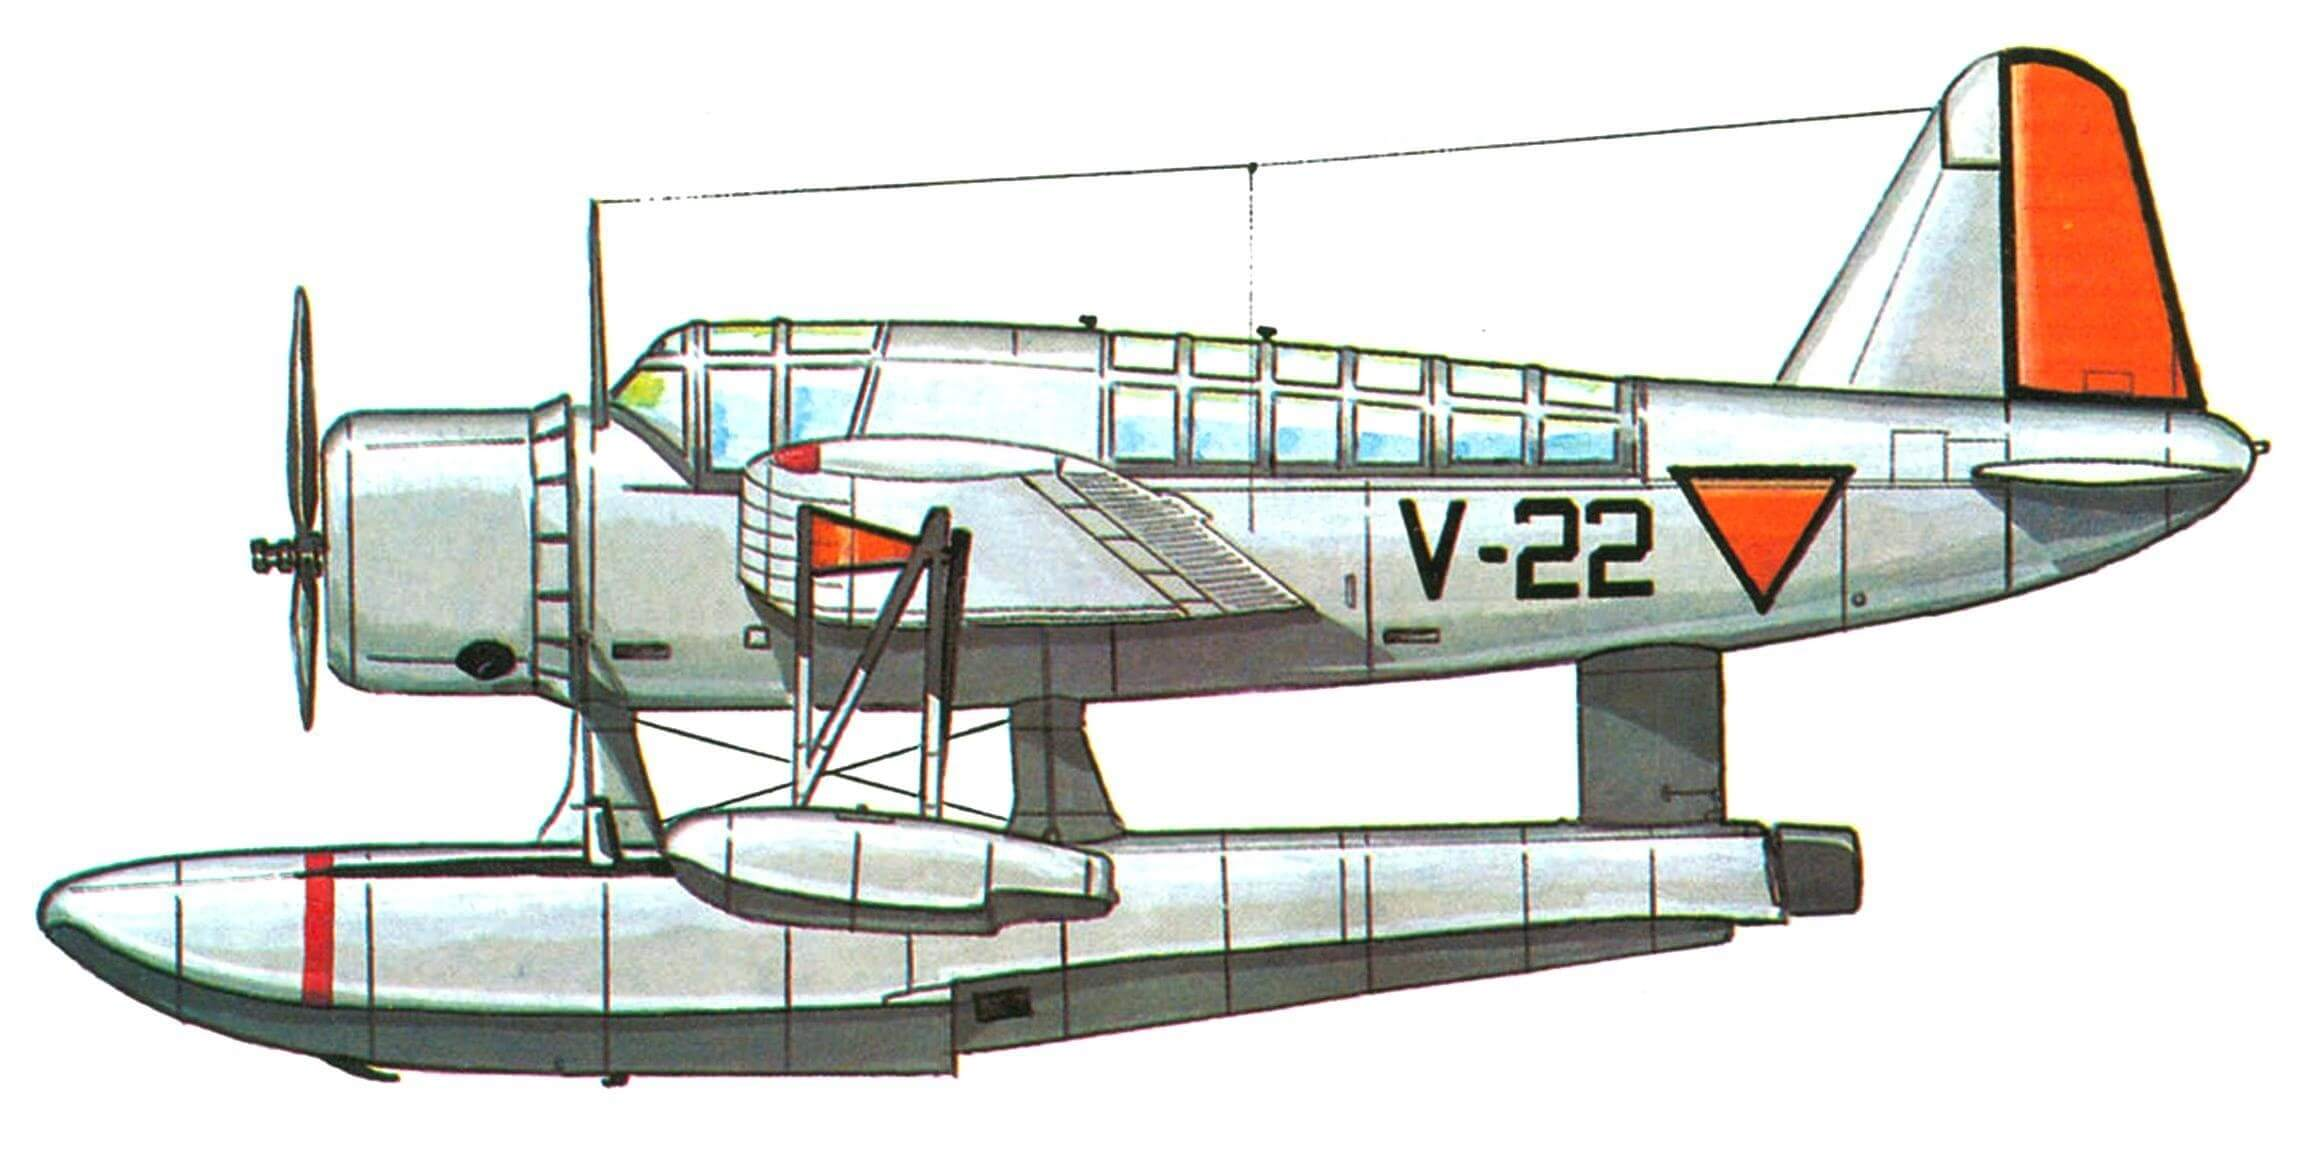 OS2U-3 голландских ВМС, 1943 год.